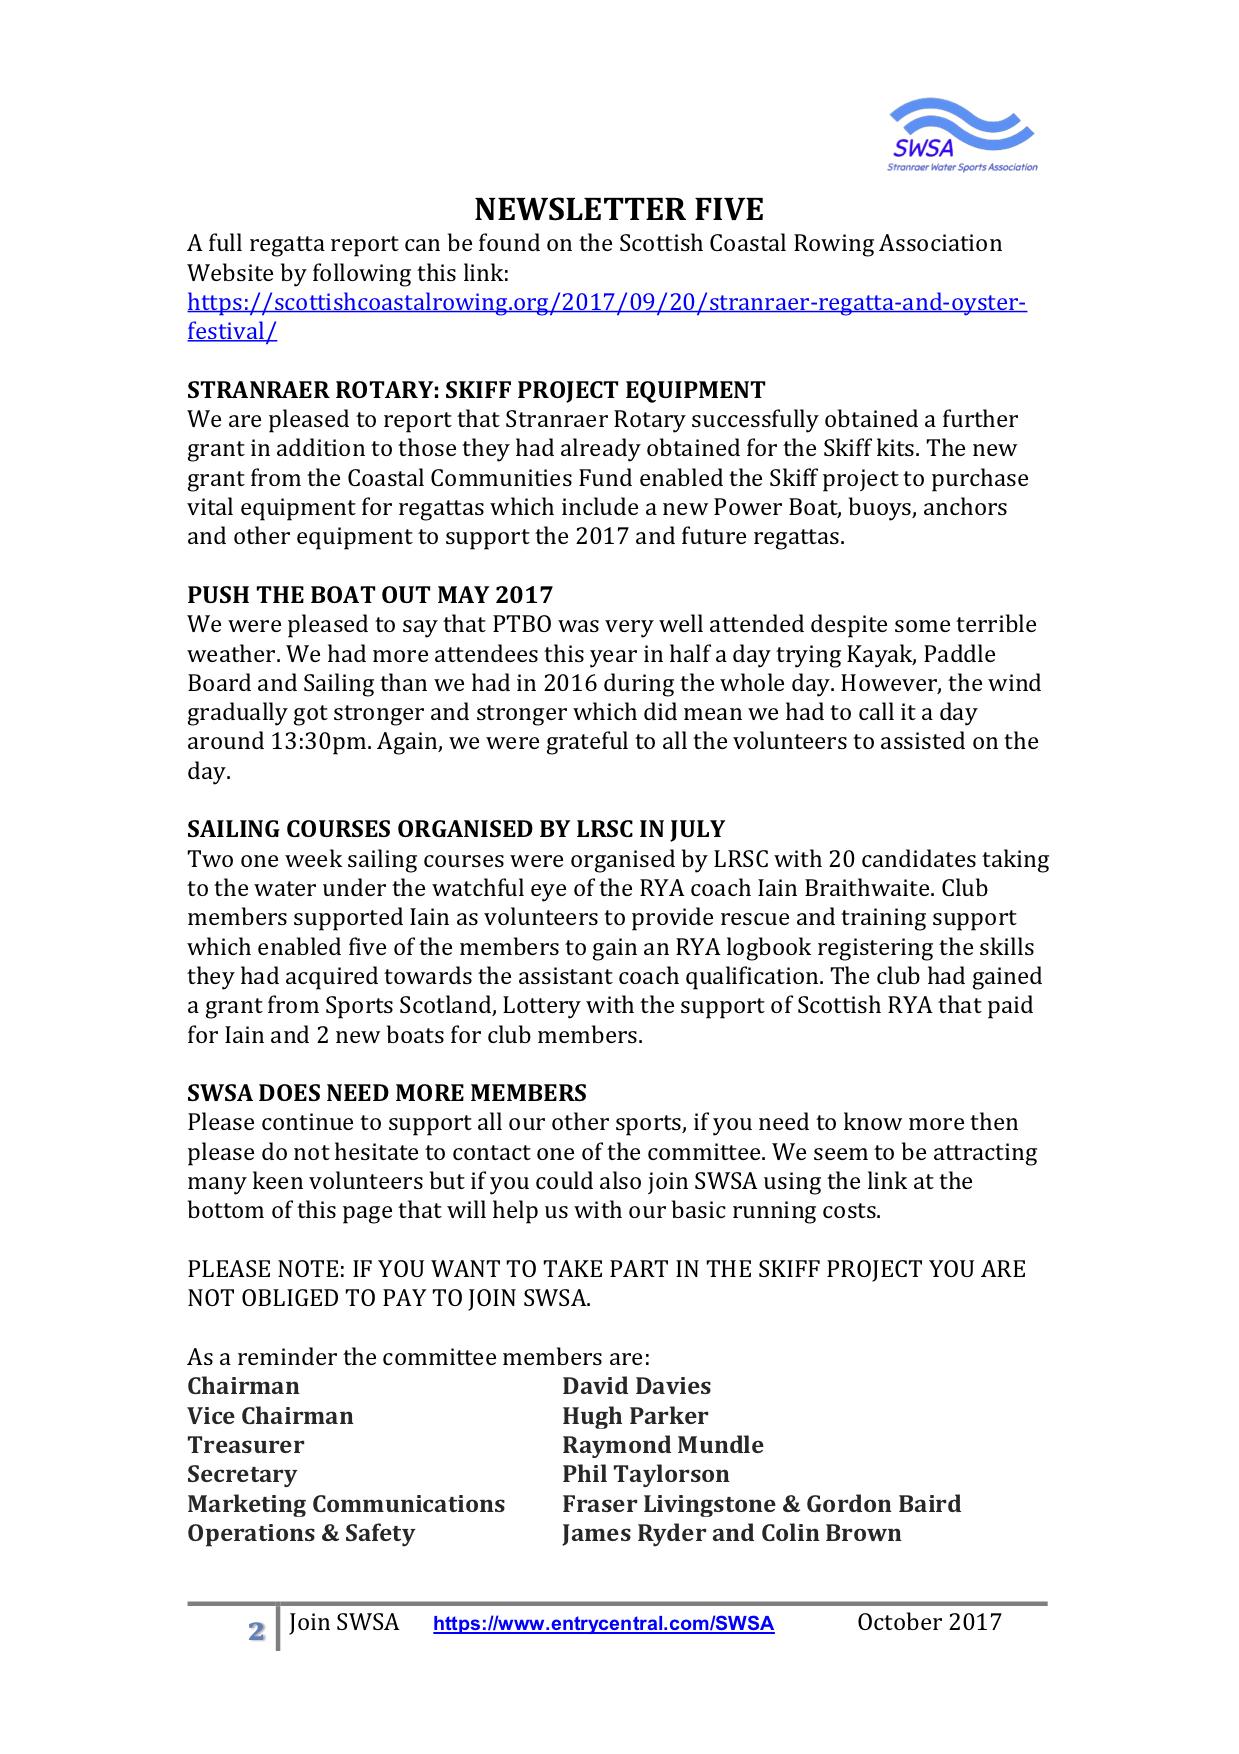 Stranraer Water Sports Association Newsletter 5 Pg2.jpg